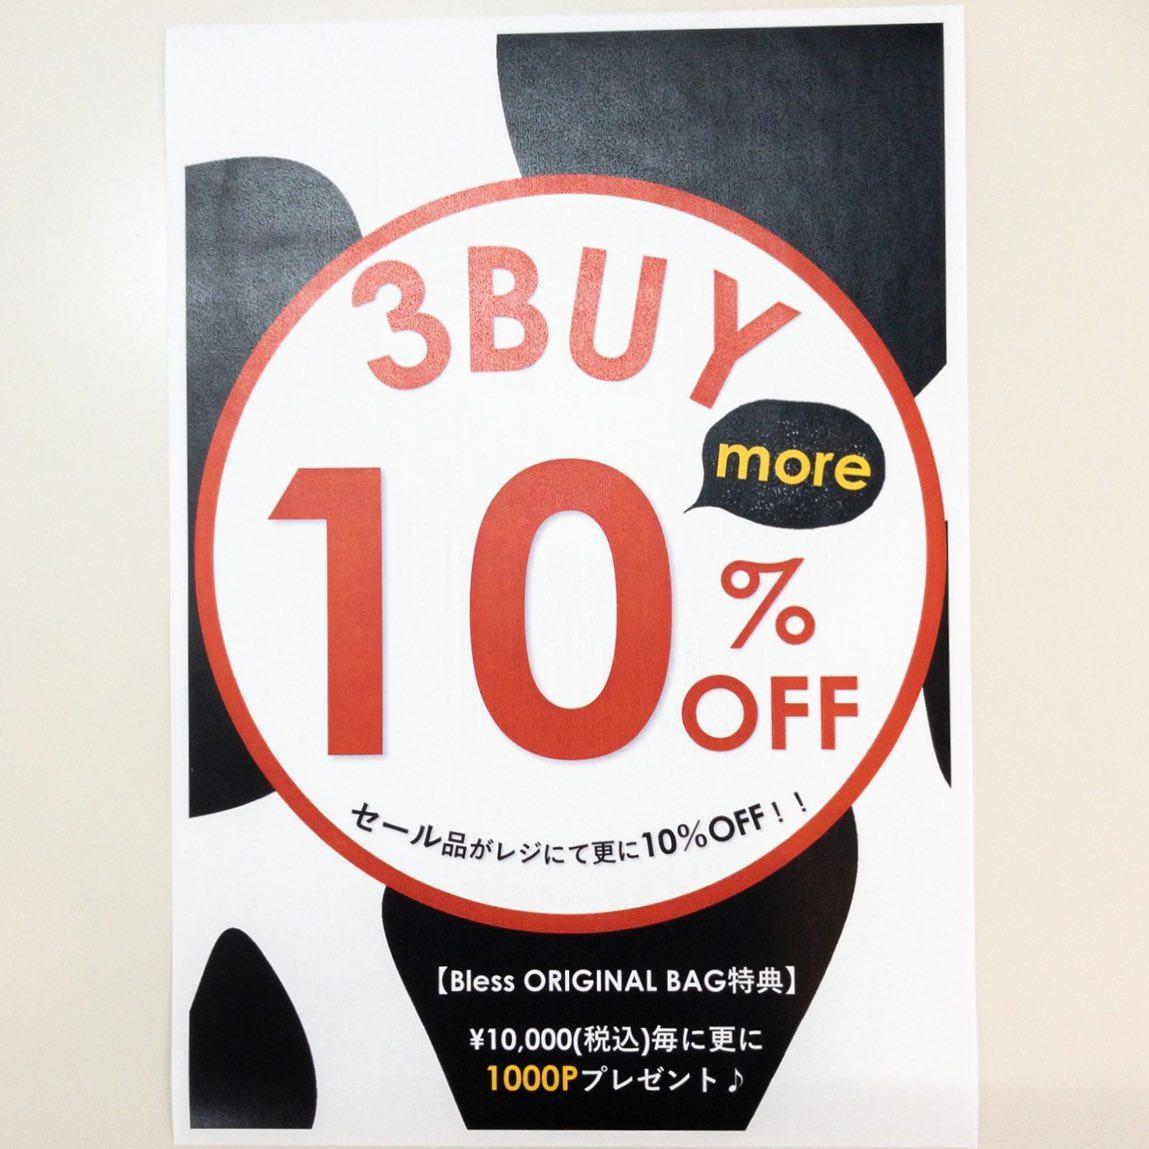 ..【イベントのお知らせ】1月16日(土)より3点以上お買い上げのお客さまレジにてセール品がさらに10%off!!..【Bless original bag特典】Blessのオリジナルバッグを持っているお客さまはお買い物¥10,000-(税込)ごとに1000Pプレゼント!!!....#愛媛#松山#大街道#ehime#matsuyama#BlessofBless#セレクトショップ#今日のコーディネート#お洒落さんと繋がりたい#2021 - from Instagram